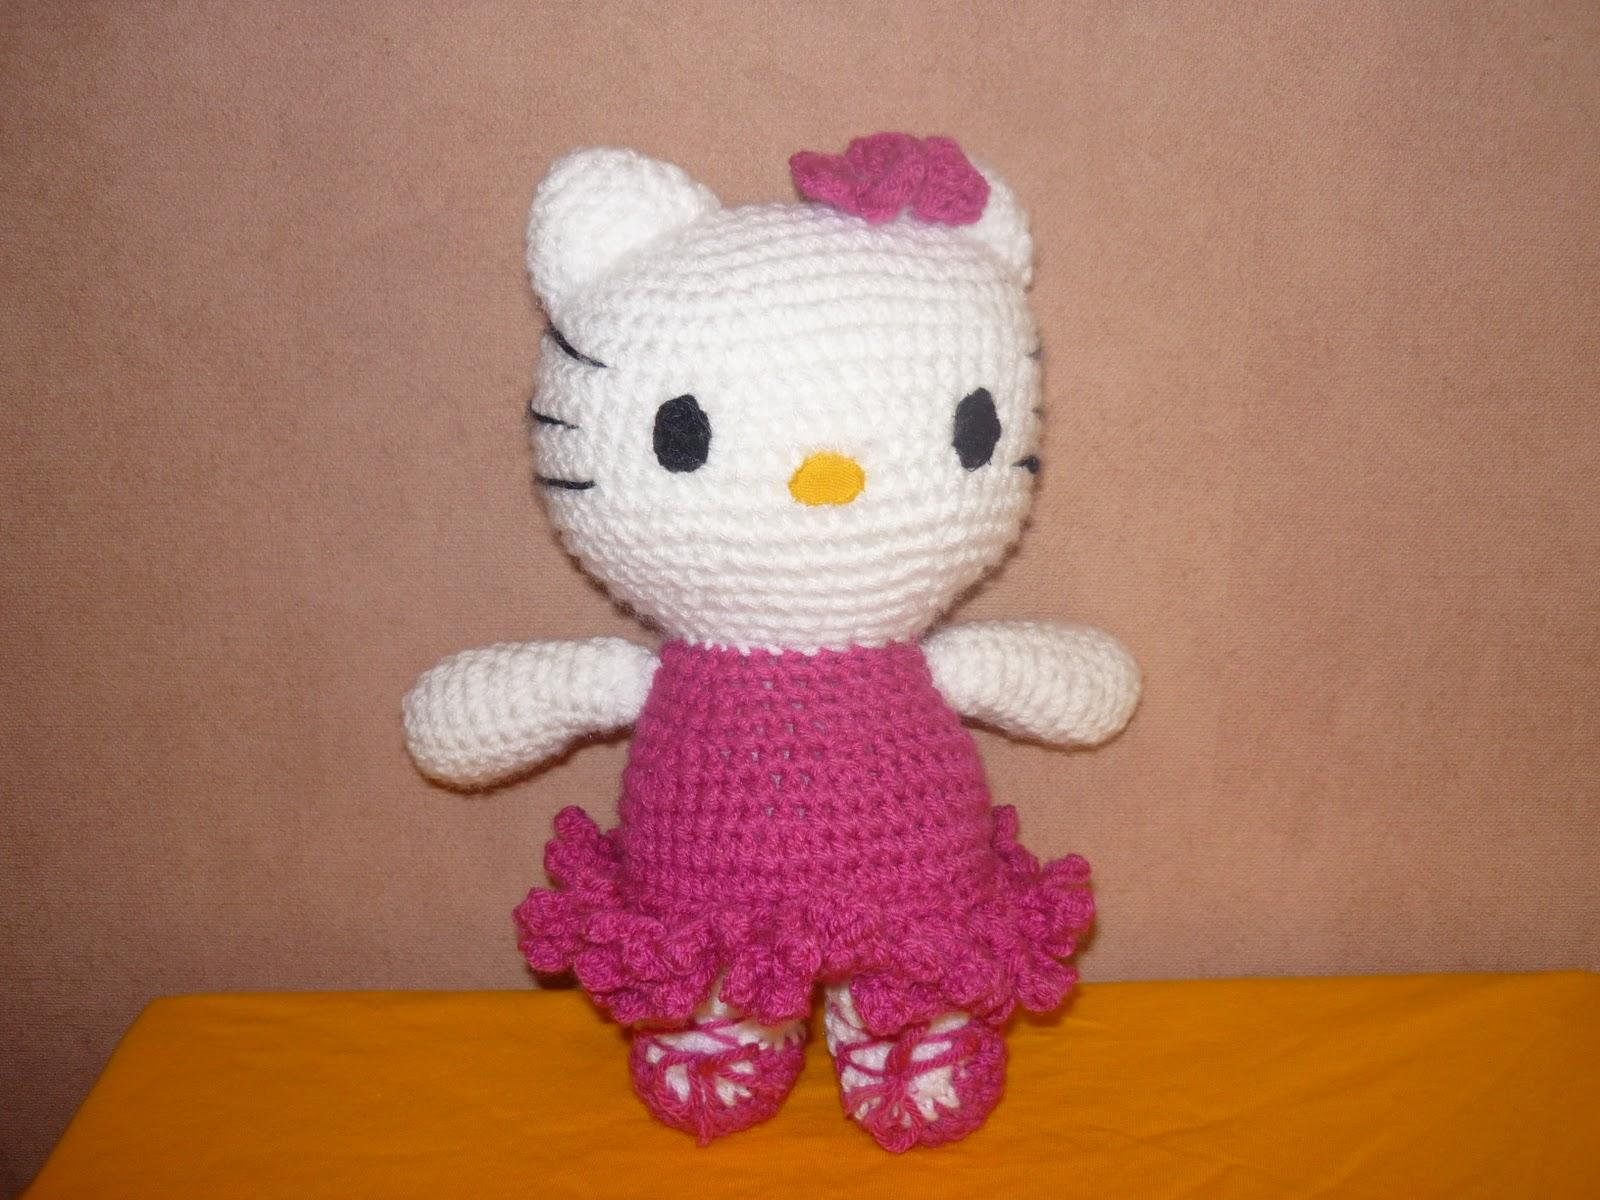 Tejiendo Peru Tutorial Amigurumi : Tejiendo sueños hello kitty mi primer amigurumi tutorial